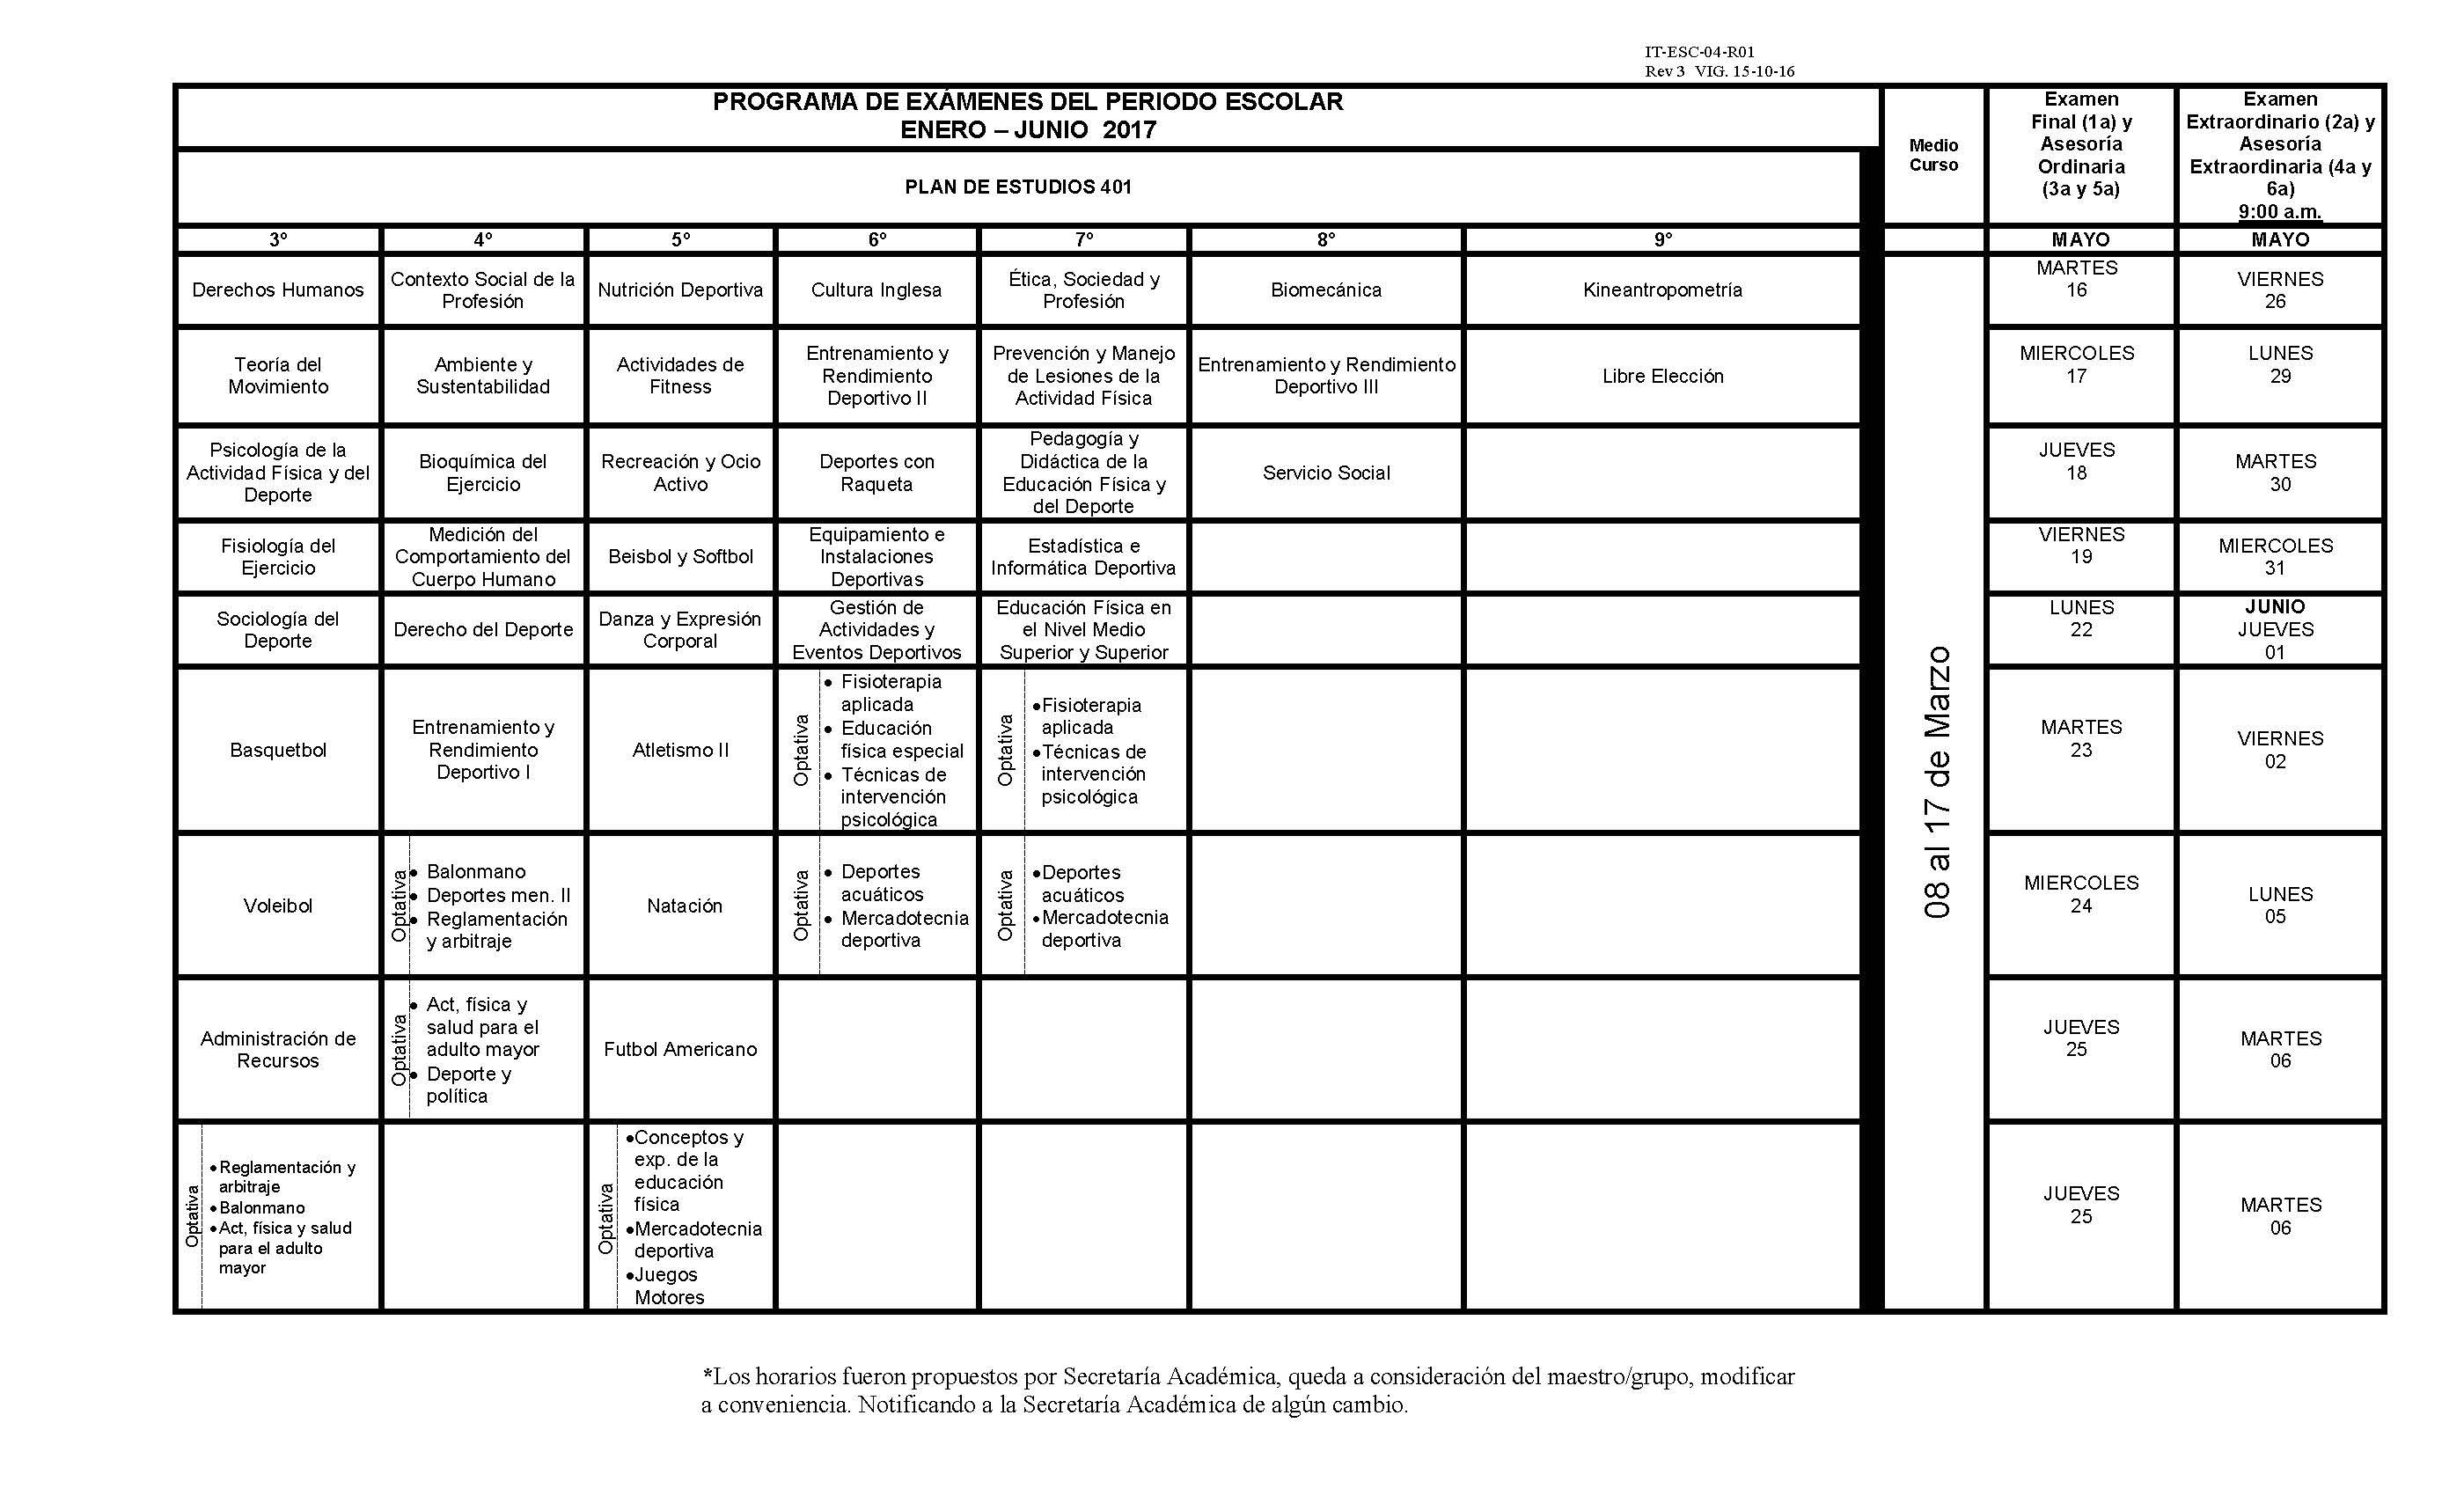 Calendario De Examenes.Calendario De Examenes Enero Junio 2017 Facultad De Organizacion